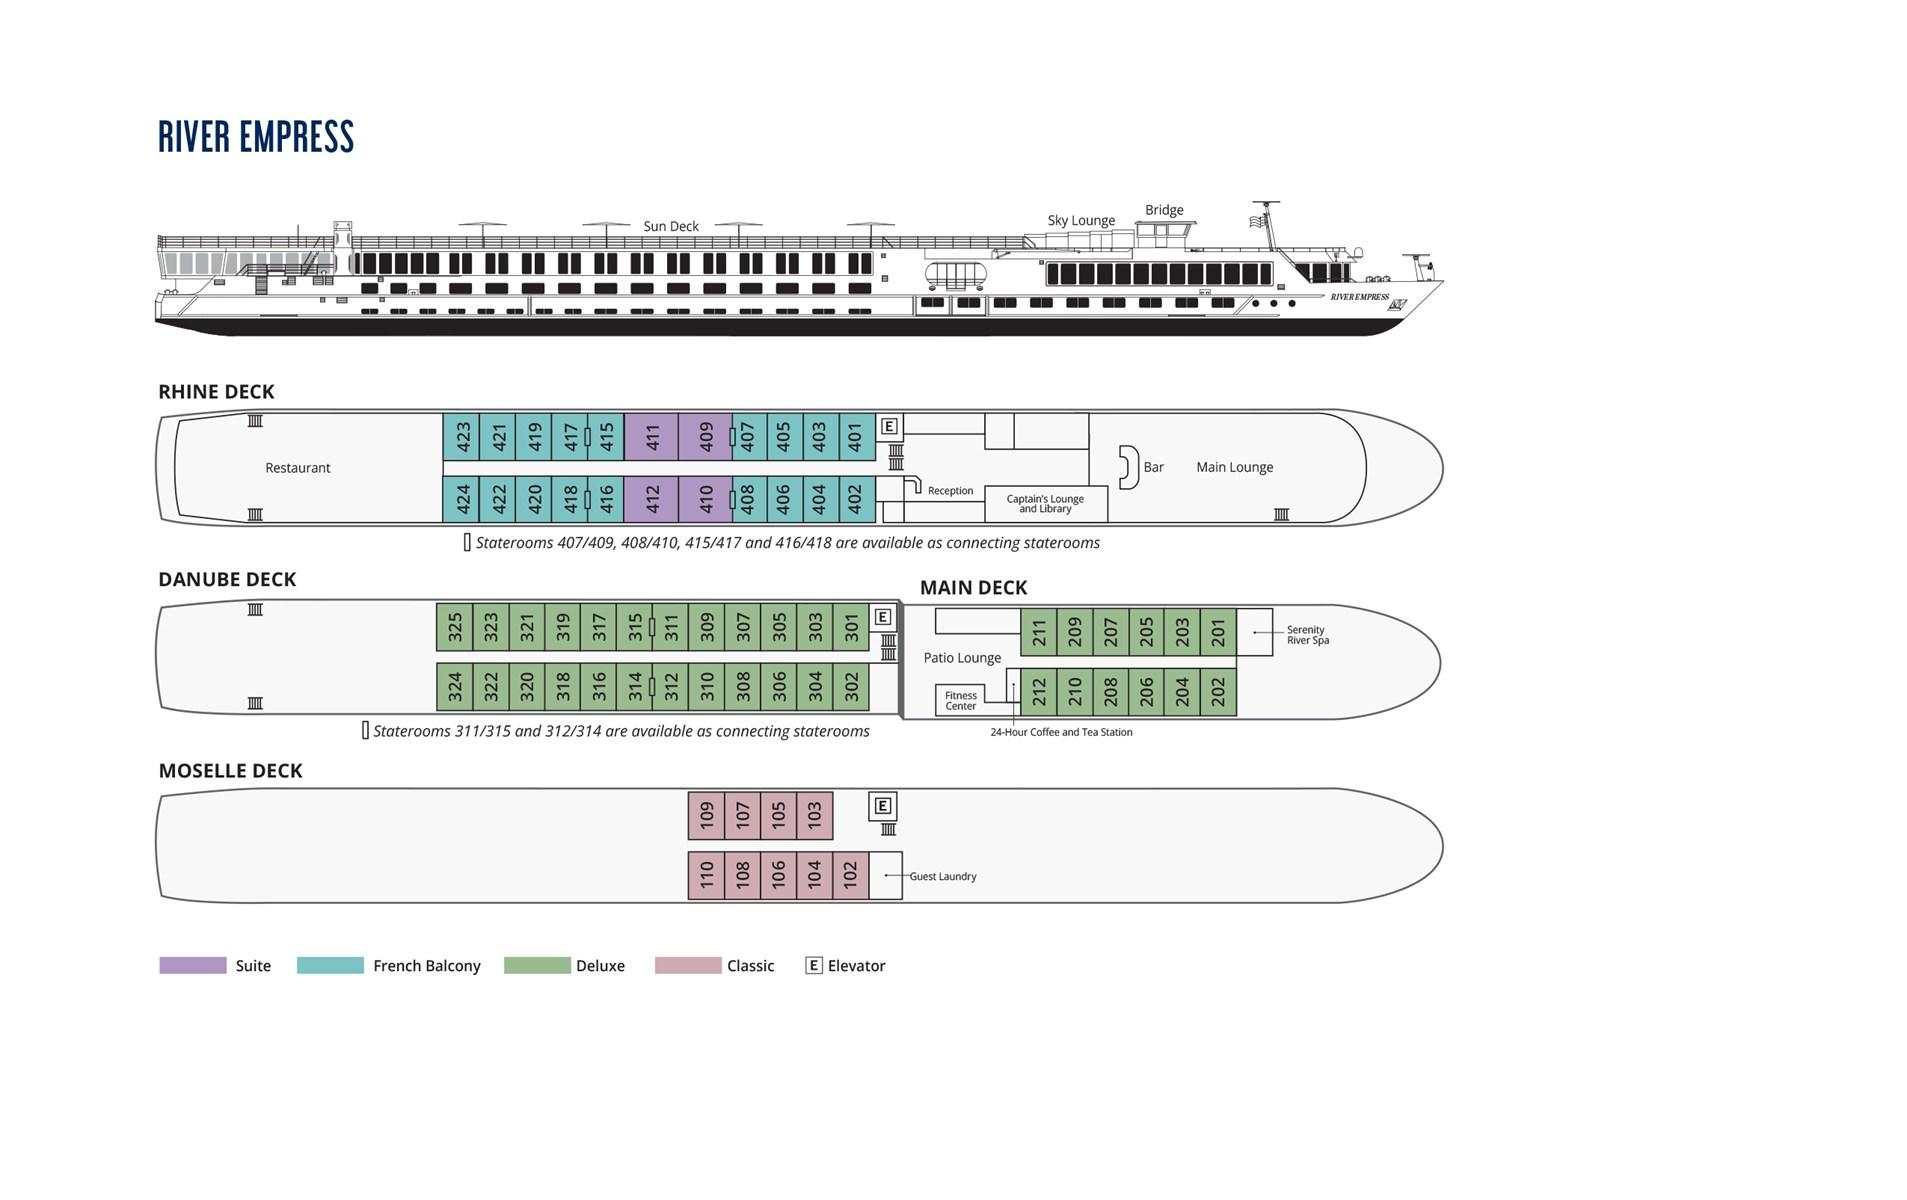 River Empress Deck Plan